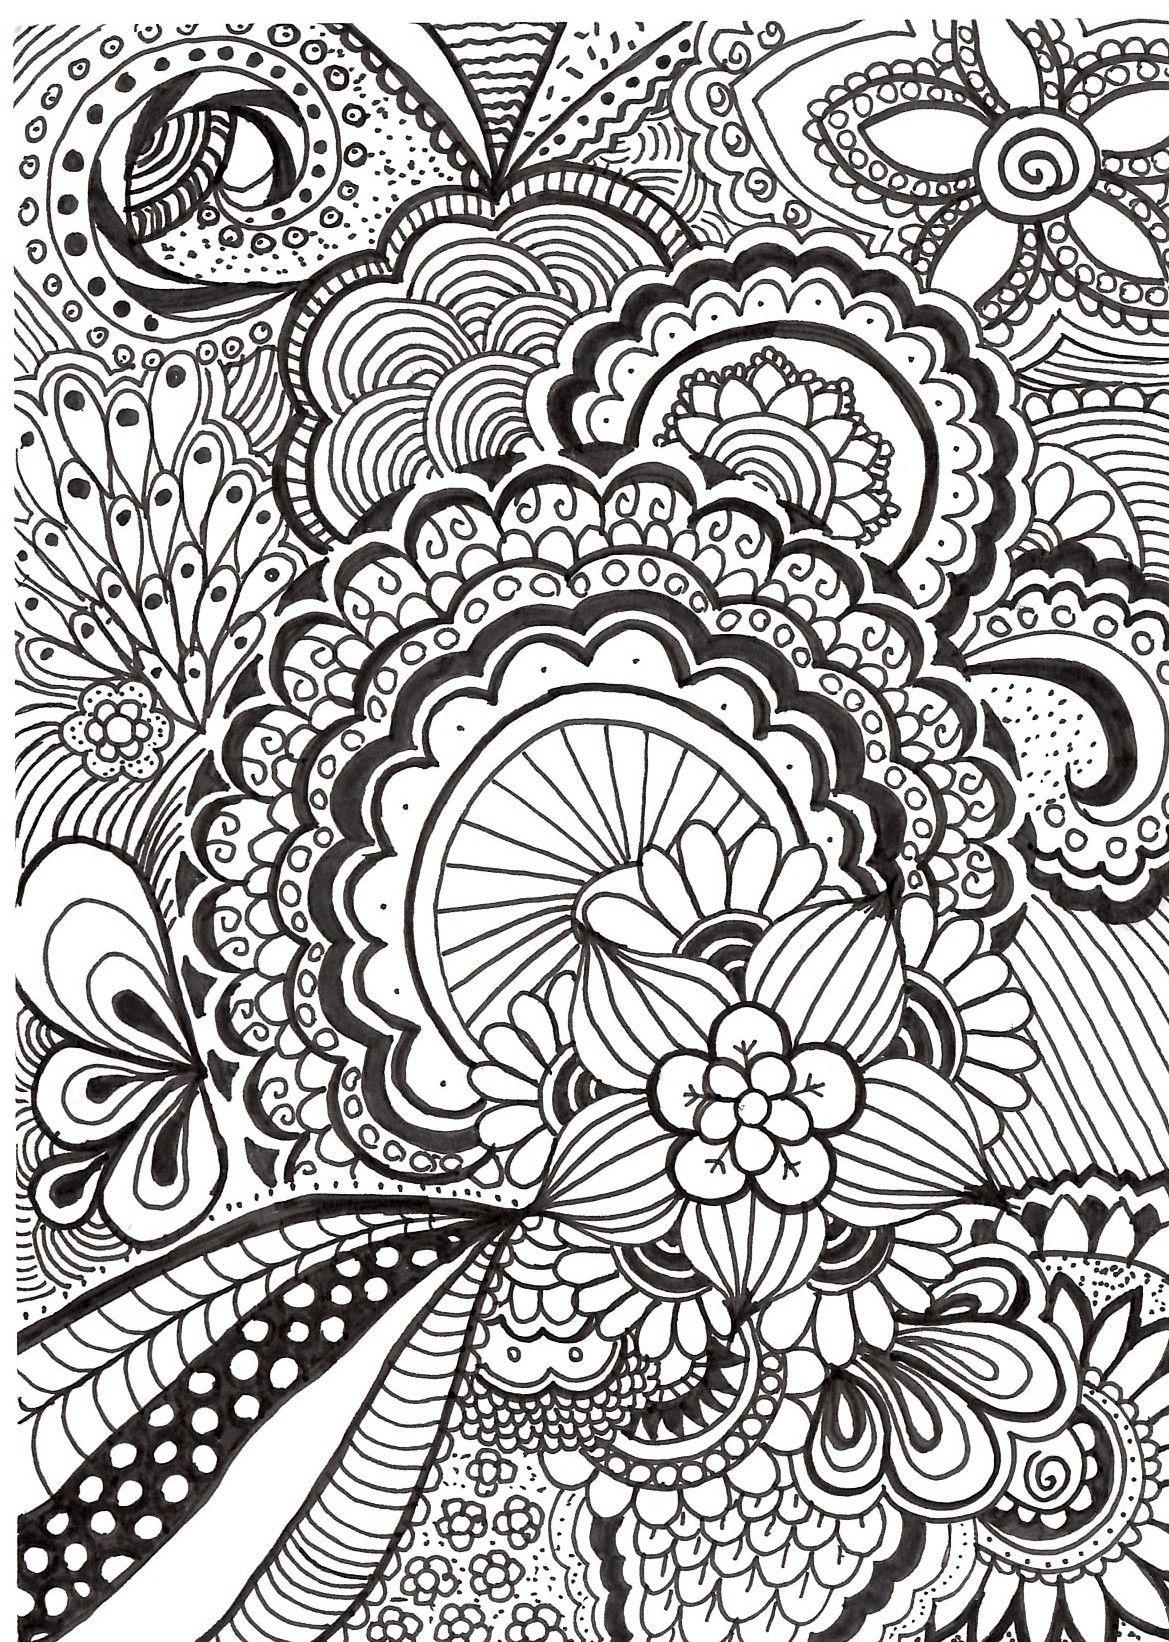 handgemaakte zentangle tekening zen met nei tekenen